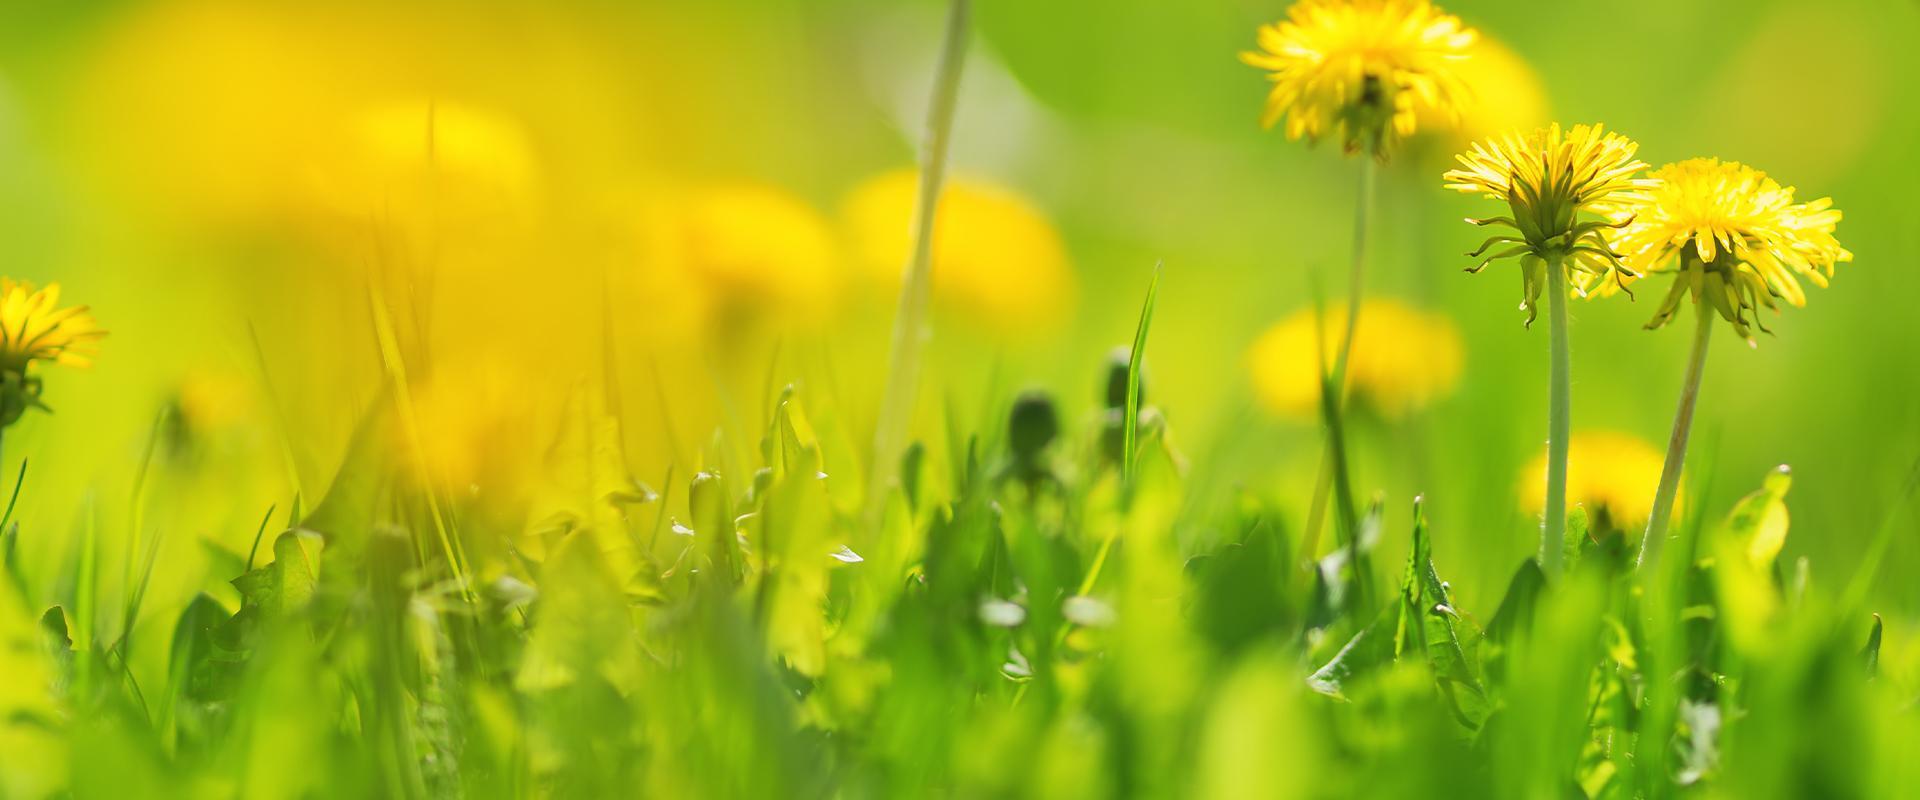 dandelions in tarrant county